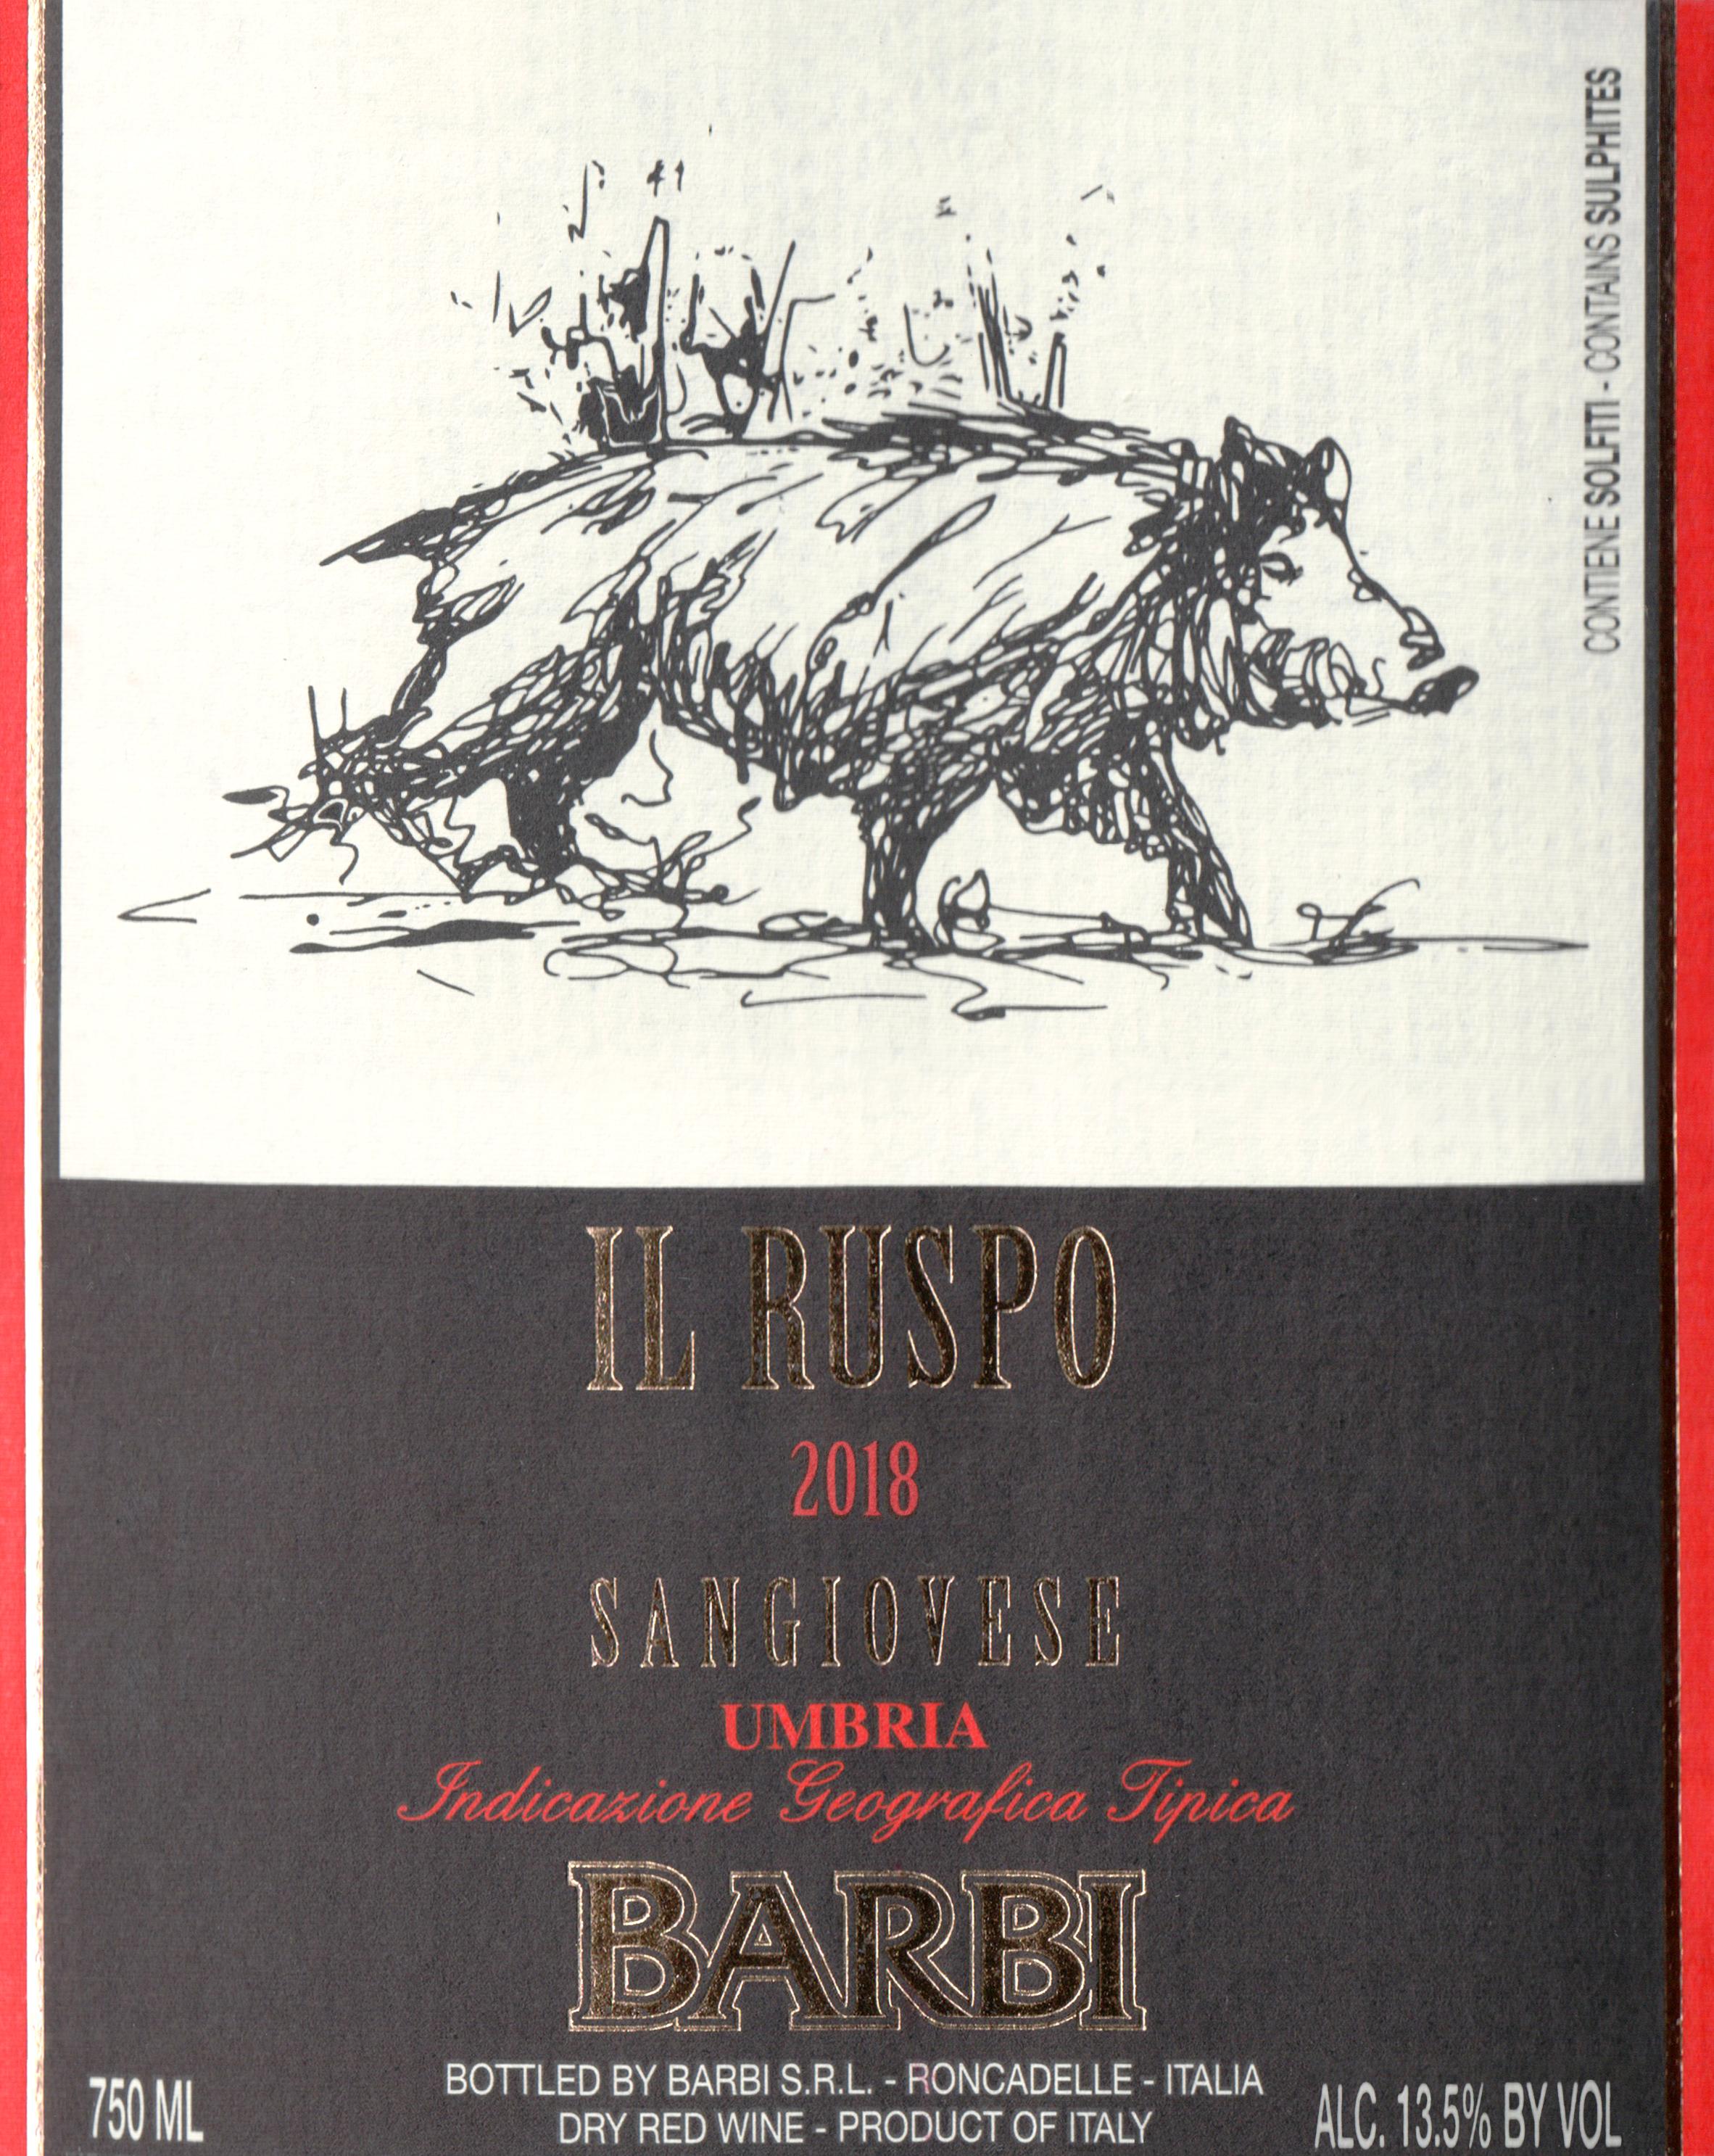 Barbi Il Ruspo Sangiovese 2018